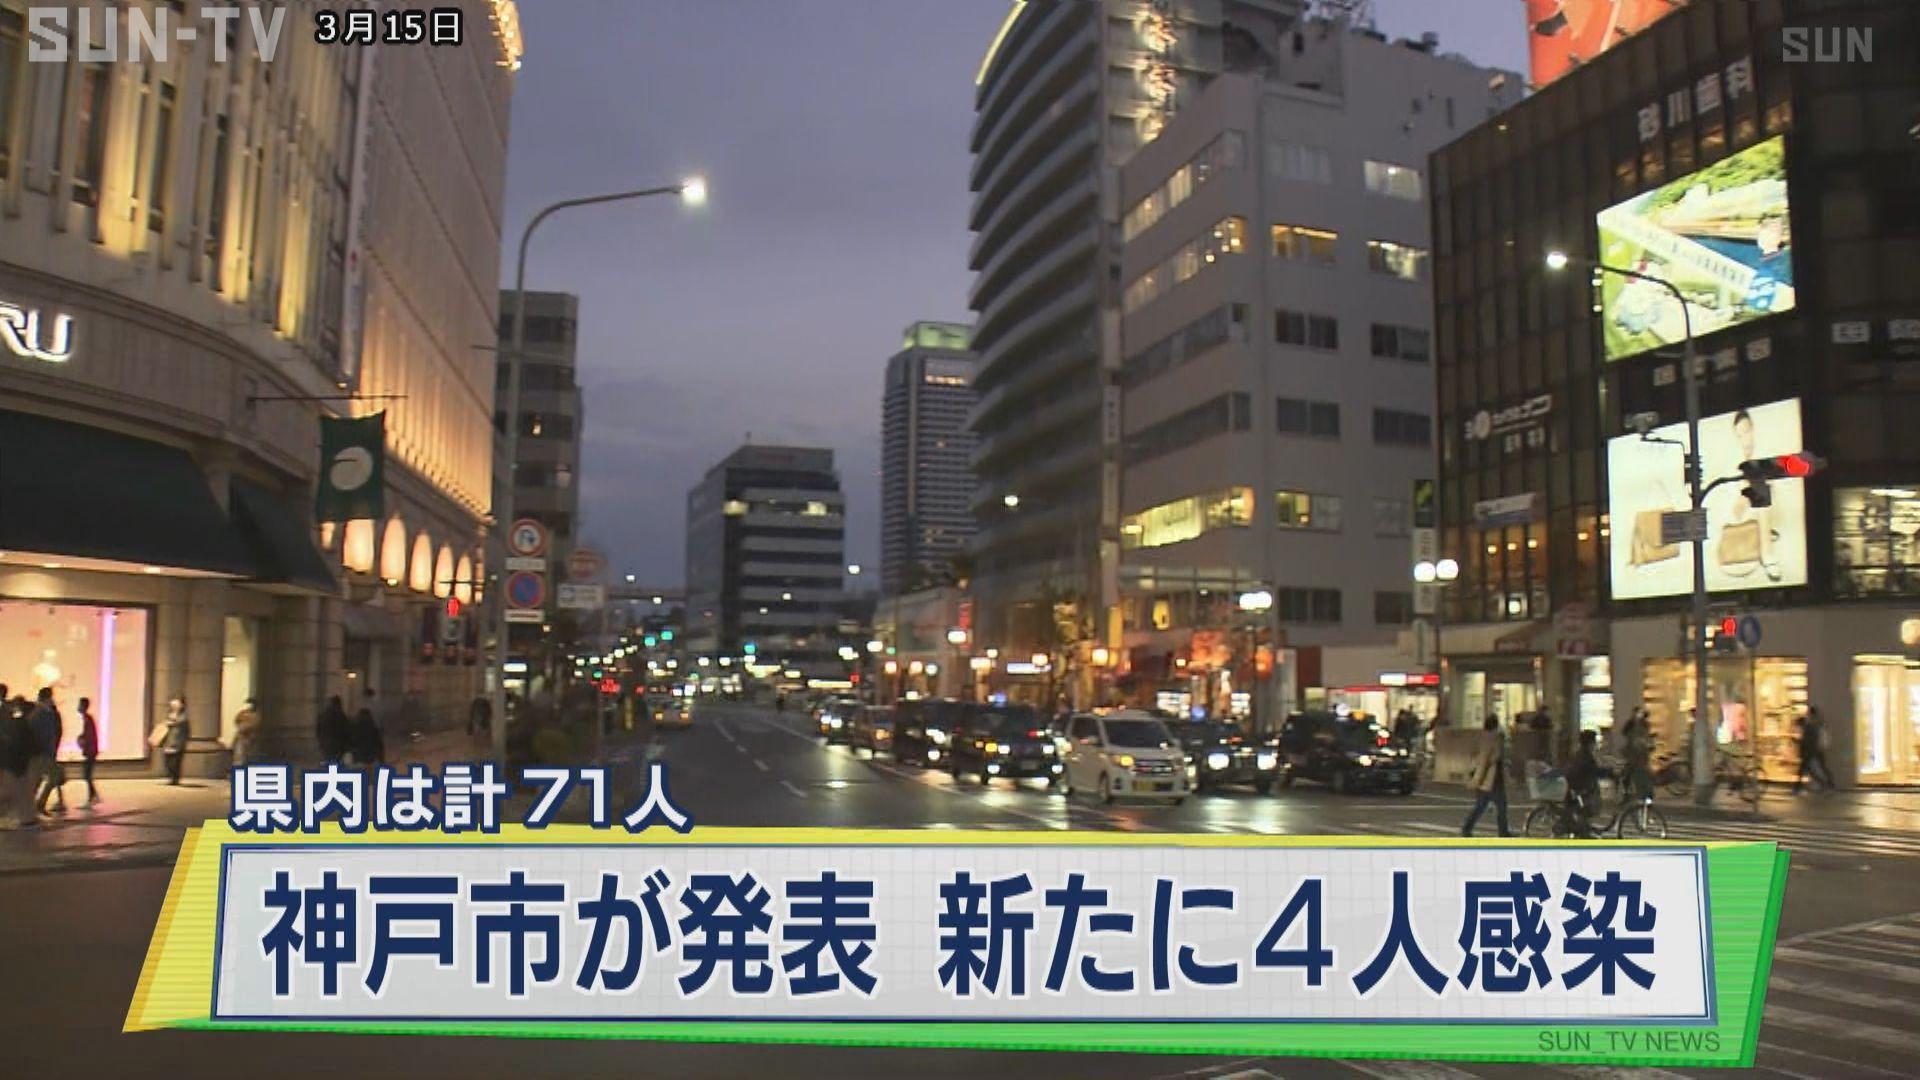 神戸市が発表 新たに4人感染 県内は71人に | サンテレビニュース